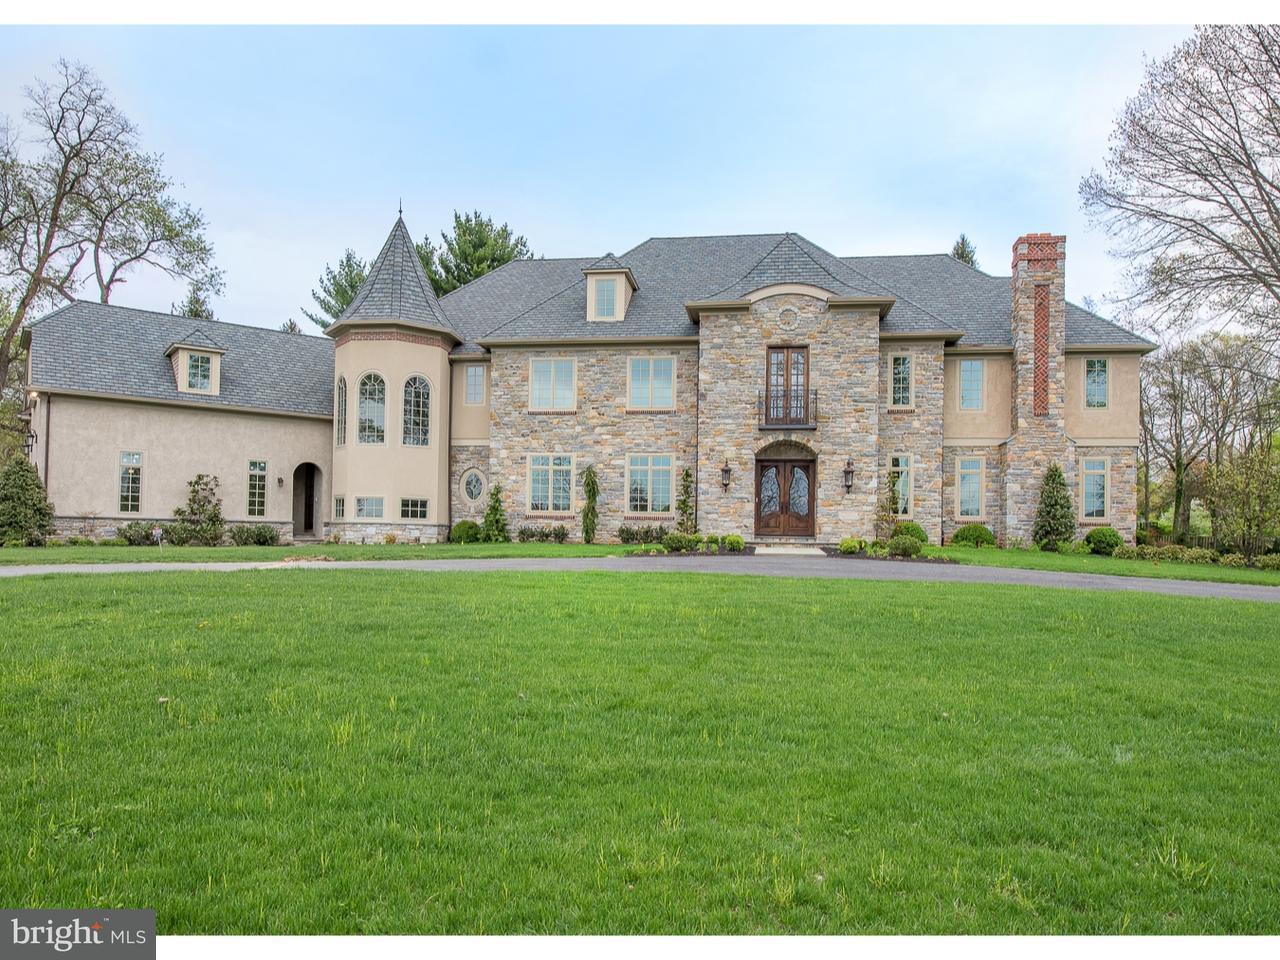 独户住宅 为 销售 在 264 ABRAHAMS Lane 维拉诺瓦, 宾夕法尼亚州 19085 美国